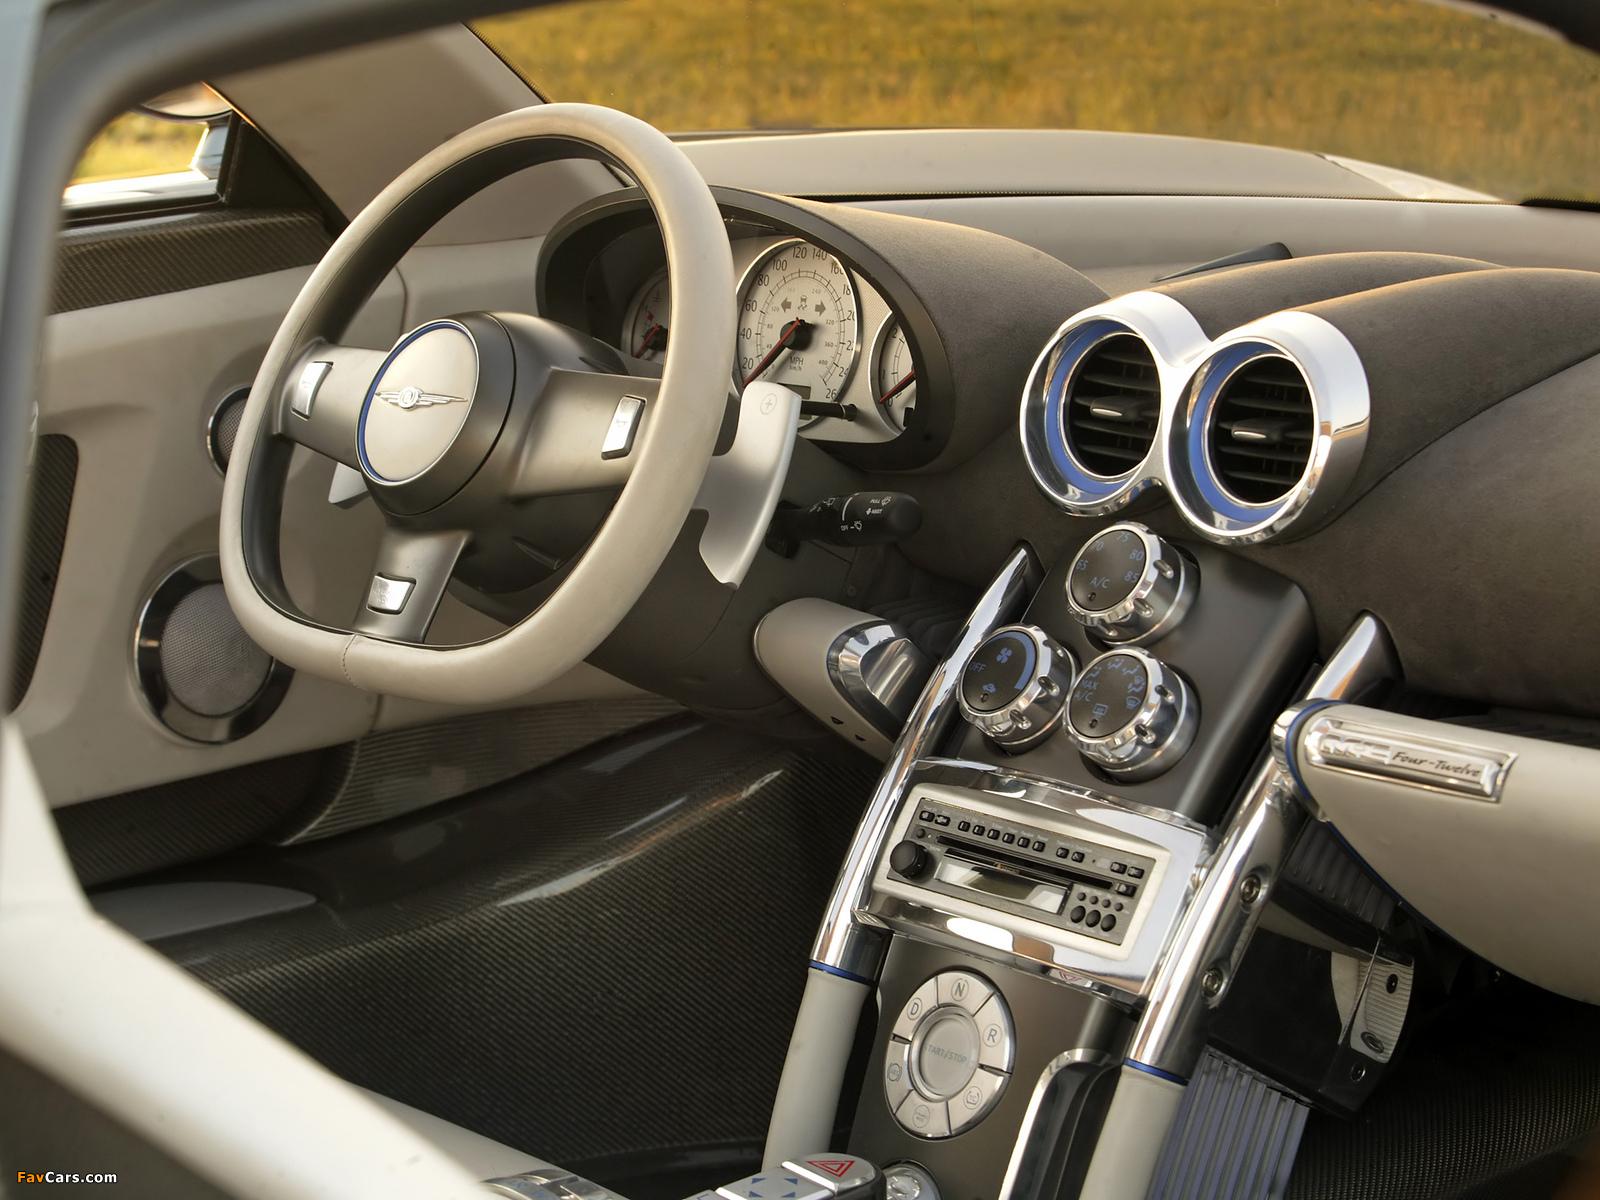 Chrysler ME 4-12 Concept 2004 photos (1600 x 1200)